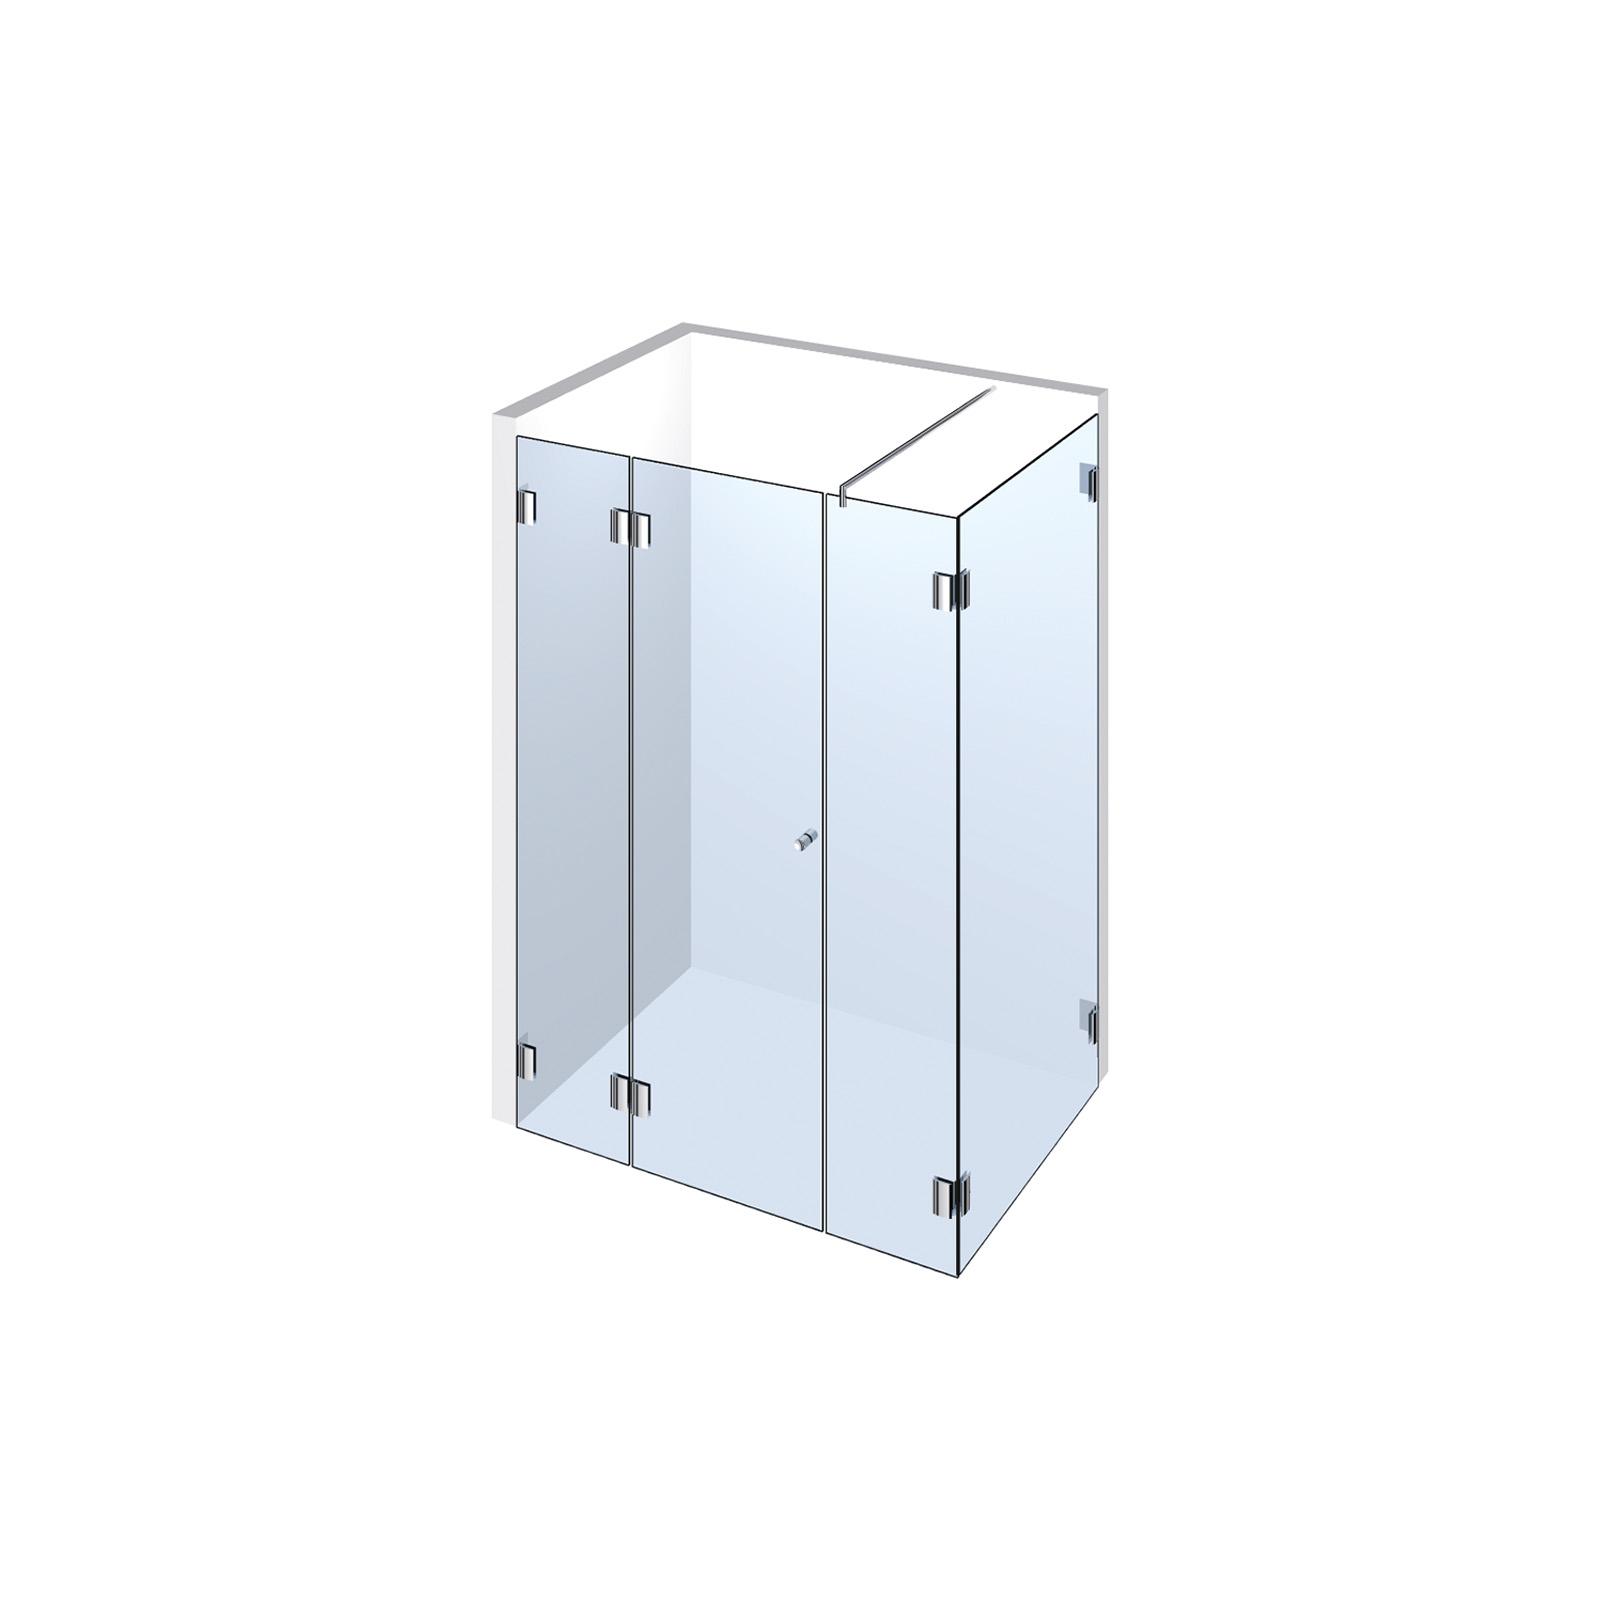 echtglasdusche typ 204 weitere aus glas duschkabinen duschw nde. Black Bedroom Furniture Sets. Home Design Ideas